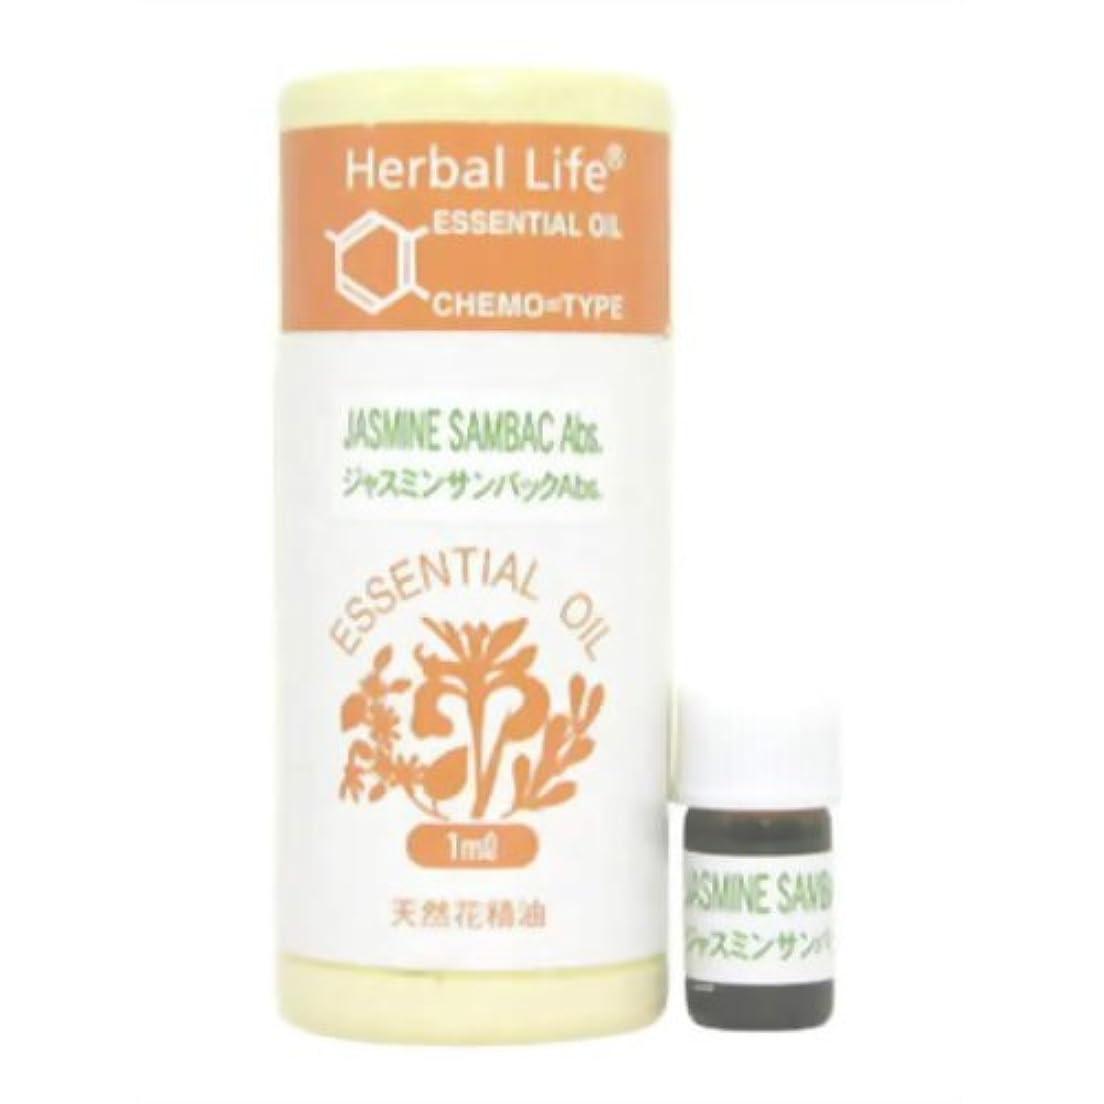 少数潤滑するロッカー生活の木 Herbal Life ジャスミンサンバックAbs 1ml